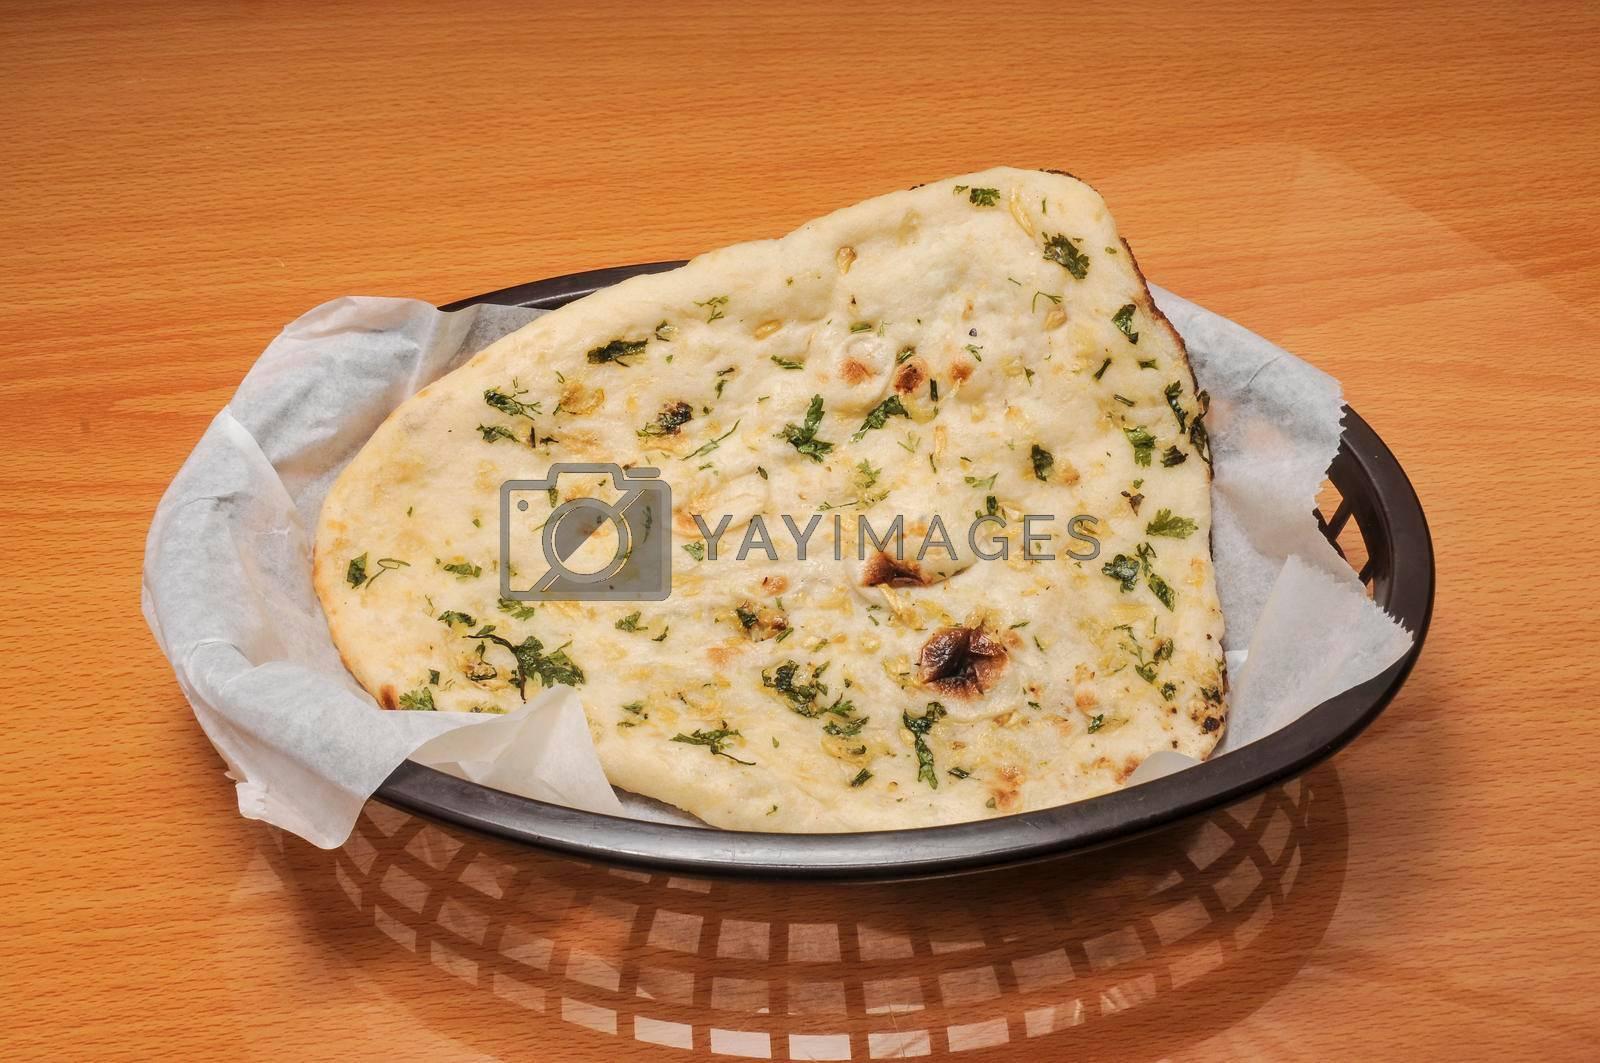 Royalty free image of Delicioius Indian Garlic Naan by robeo